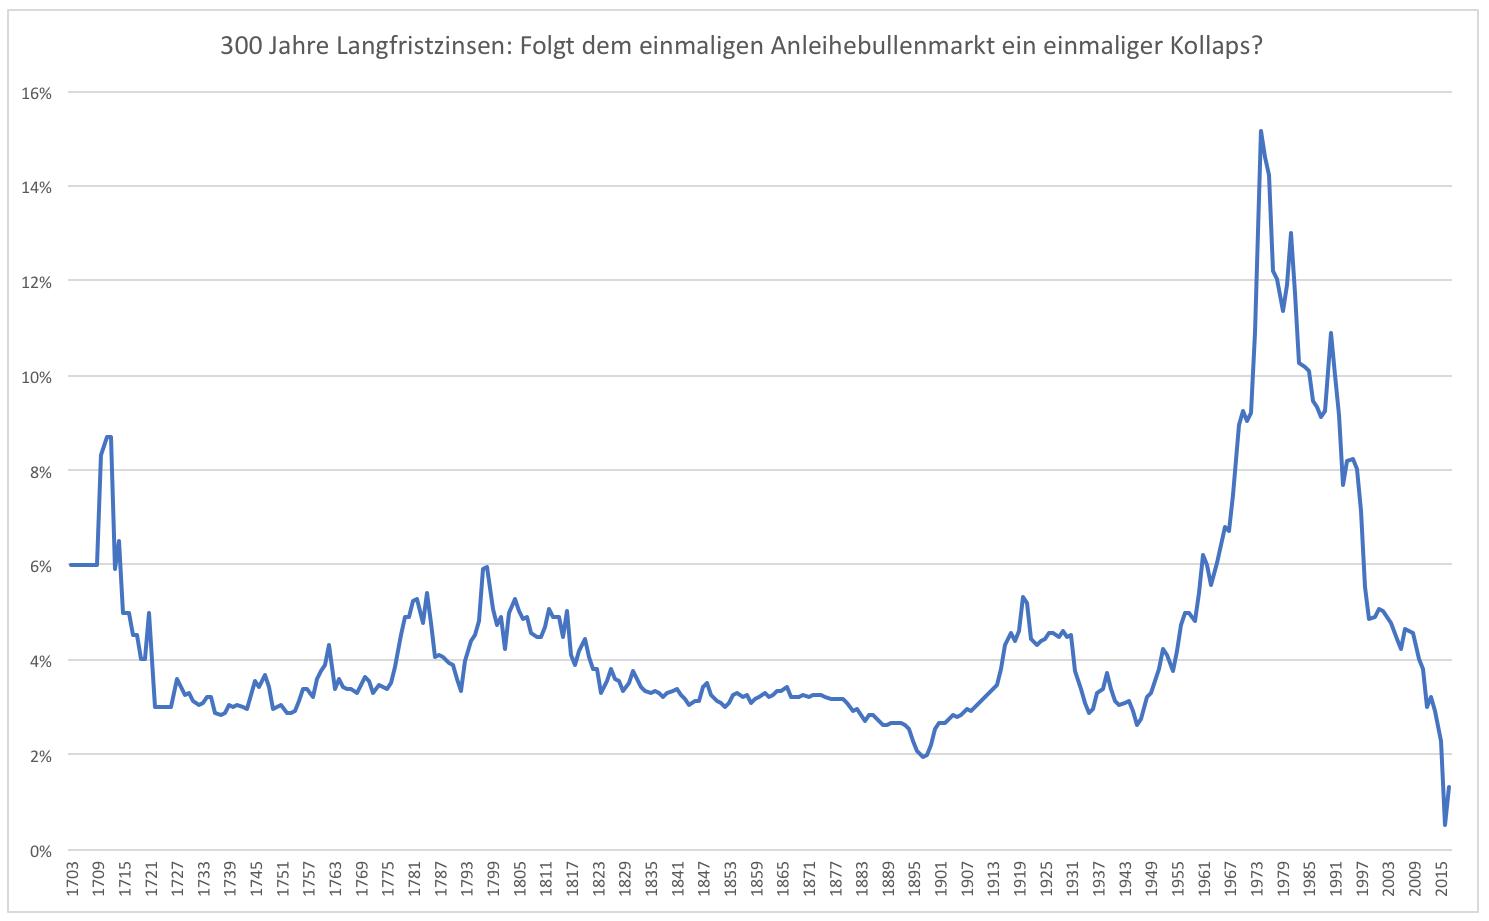 Was-ist-dran-an-der-historischen-Anleiheblase-Kommentar-Clemens-Schmale-GodmodeTrader.de-1